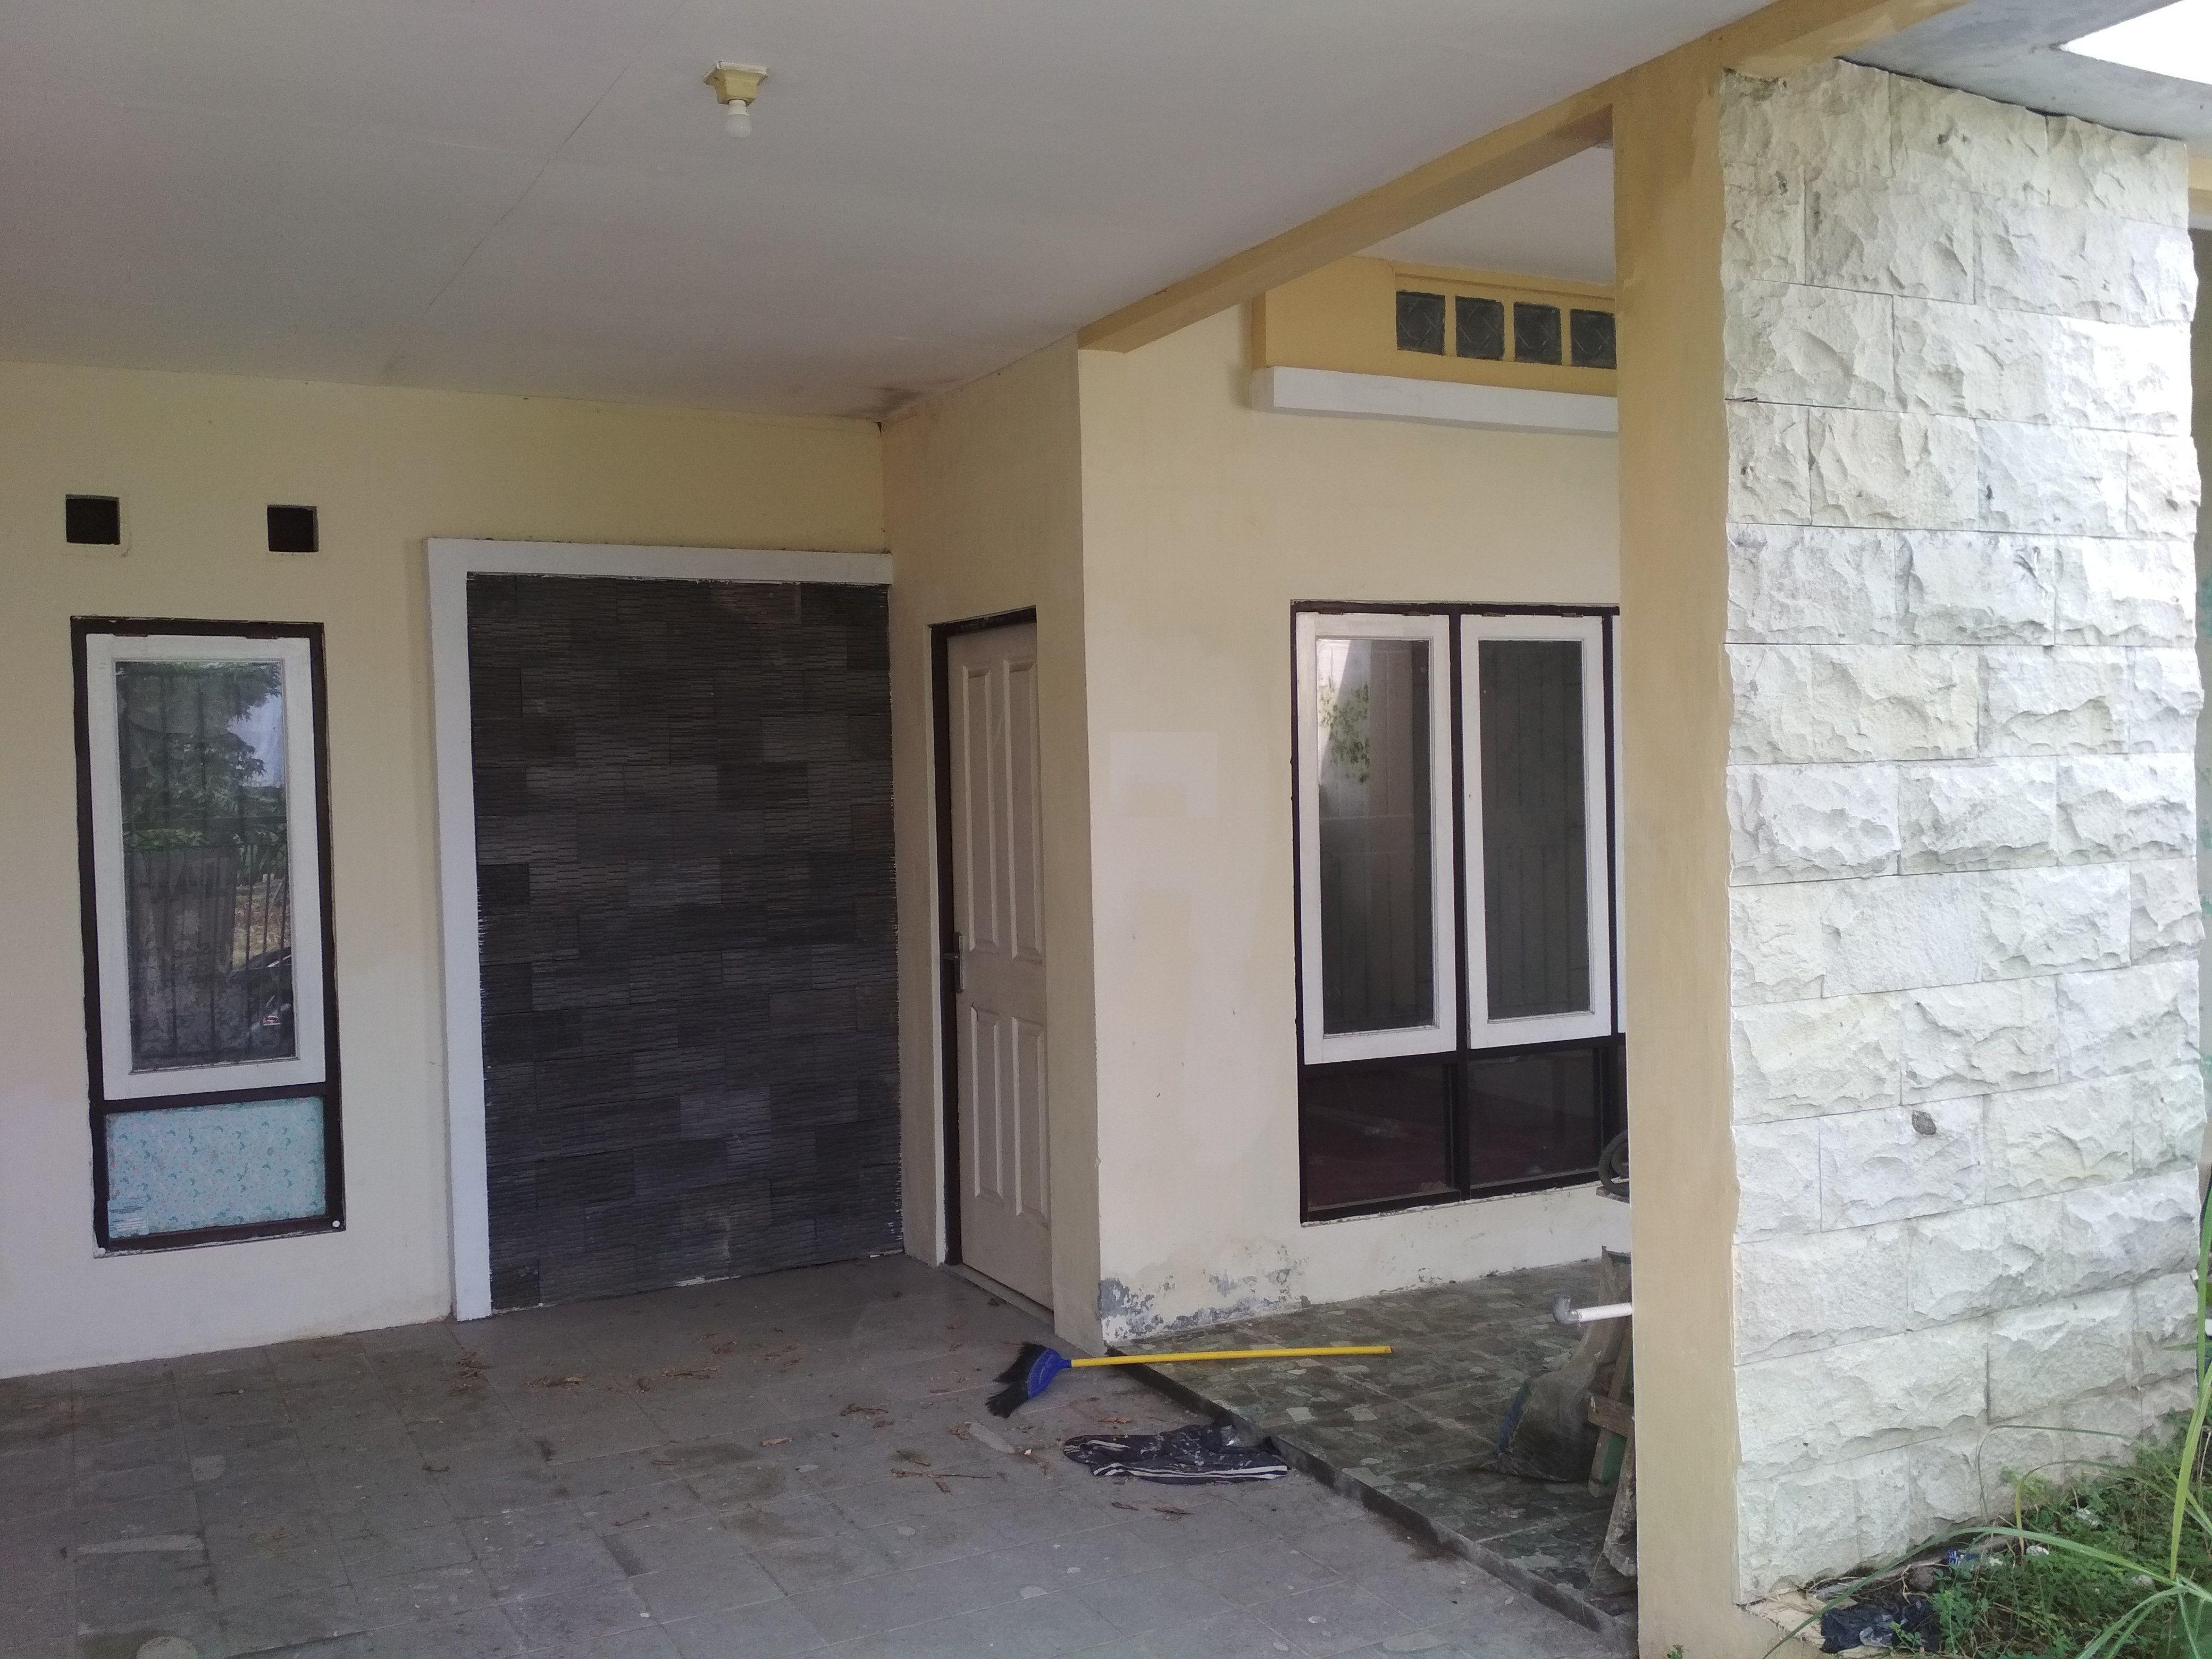 Apakah Anda Membutuhkan Rumah Idaman Mewah 2 Lantai 1